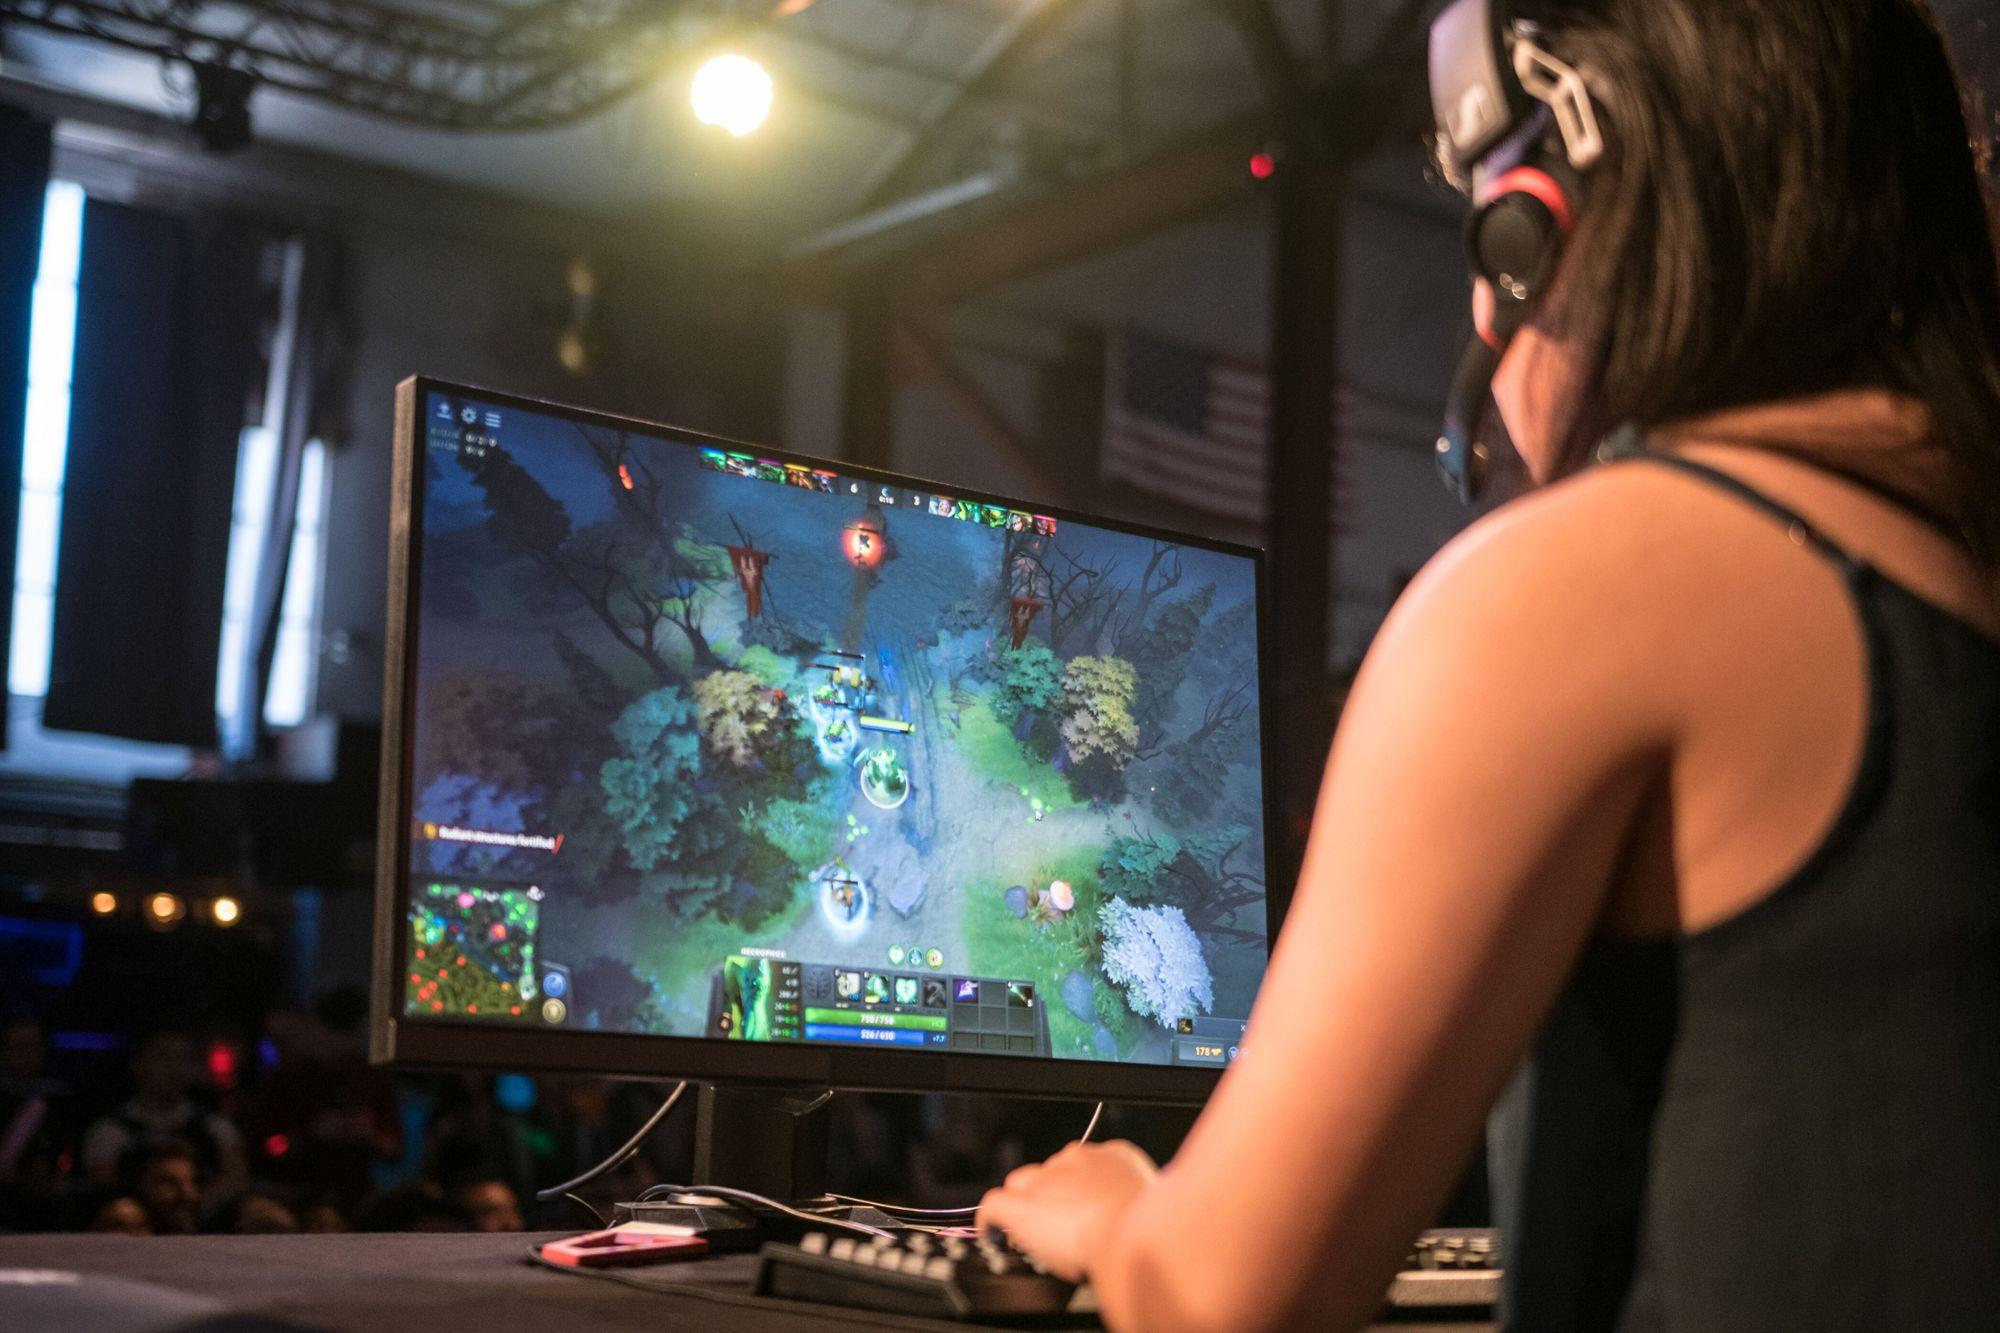 Искусственный интеллект обыграл сильнейших киберспортсменов мира по Dota 2 - 1